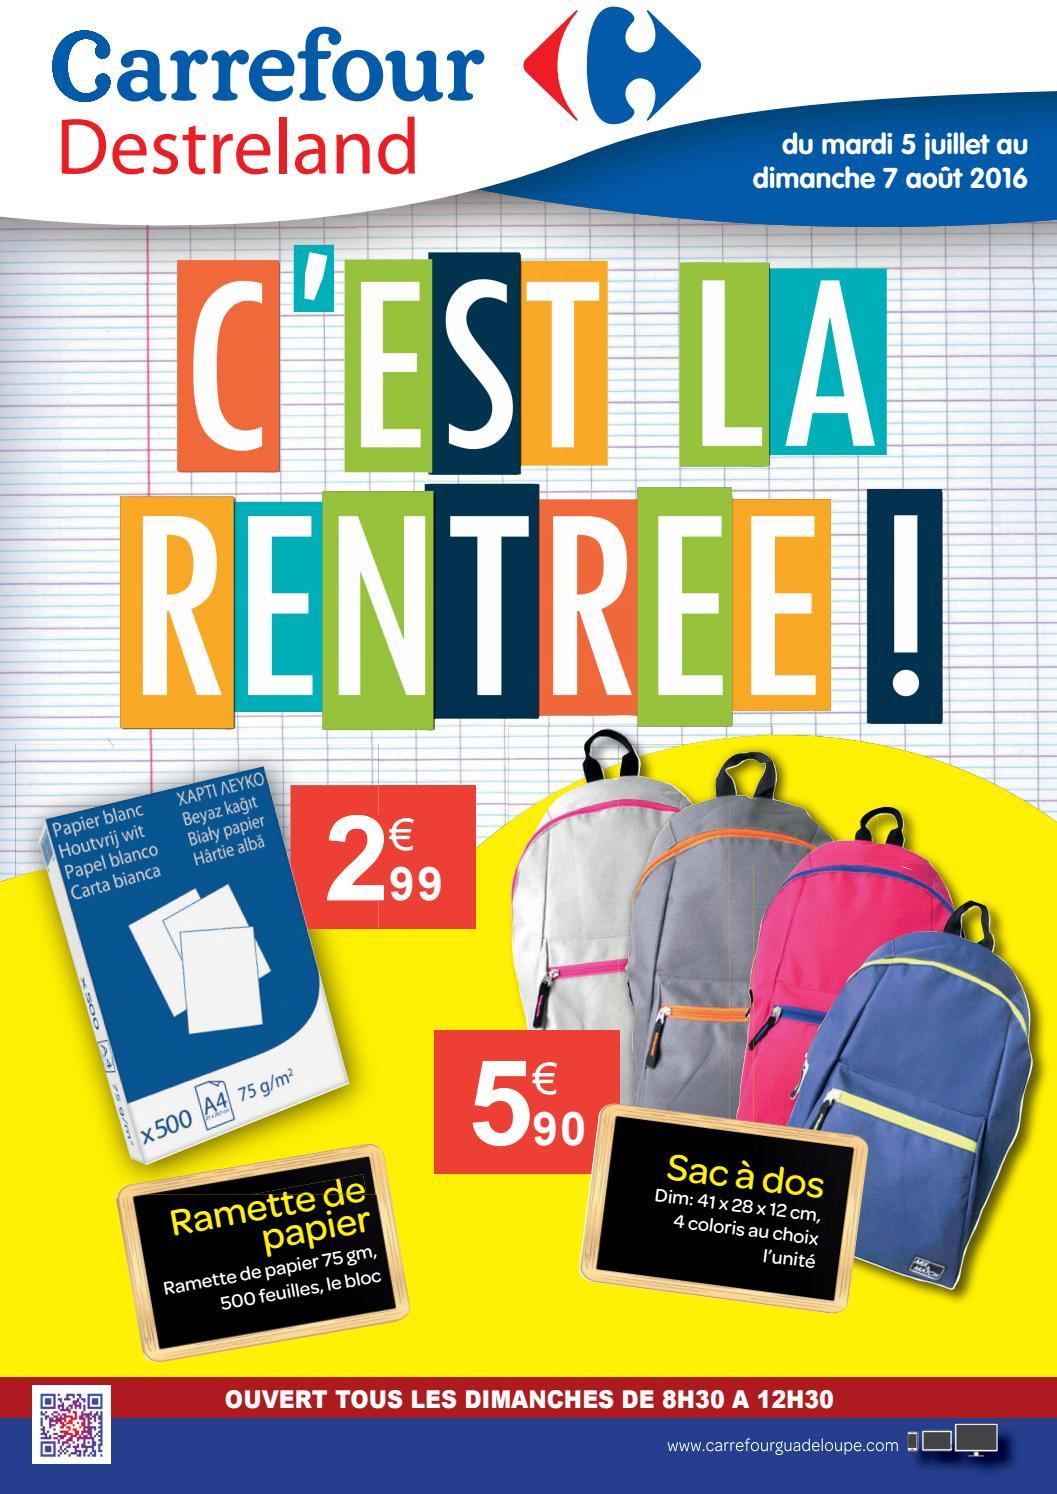 obtenir de nouveaux où puis je acheter marque célèbre Carrefour Destreland : C'EST LA RENTRÉE ! (du 05 Juillet au ...